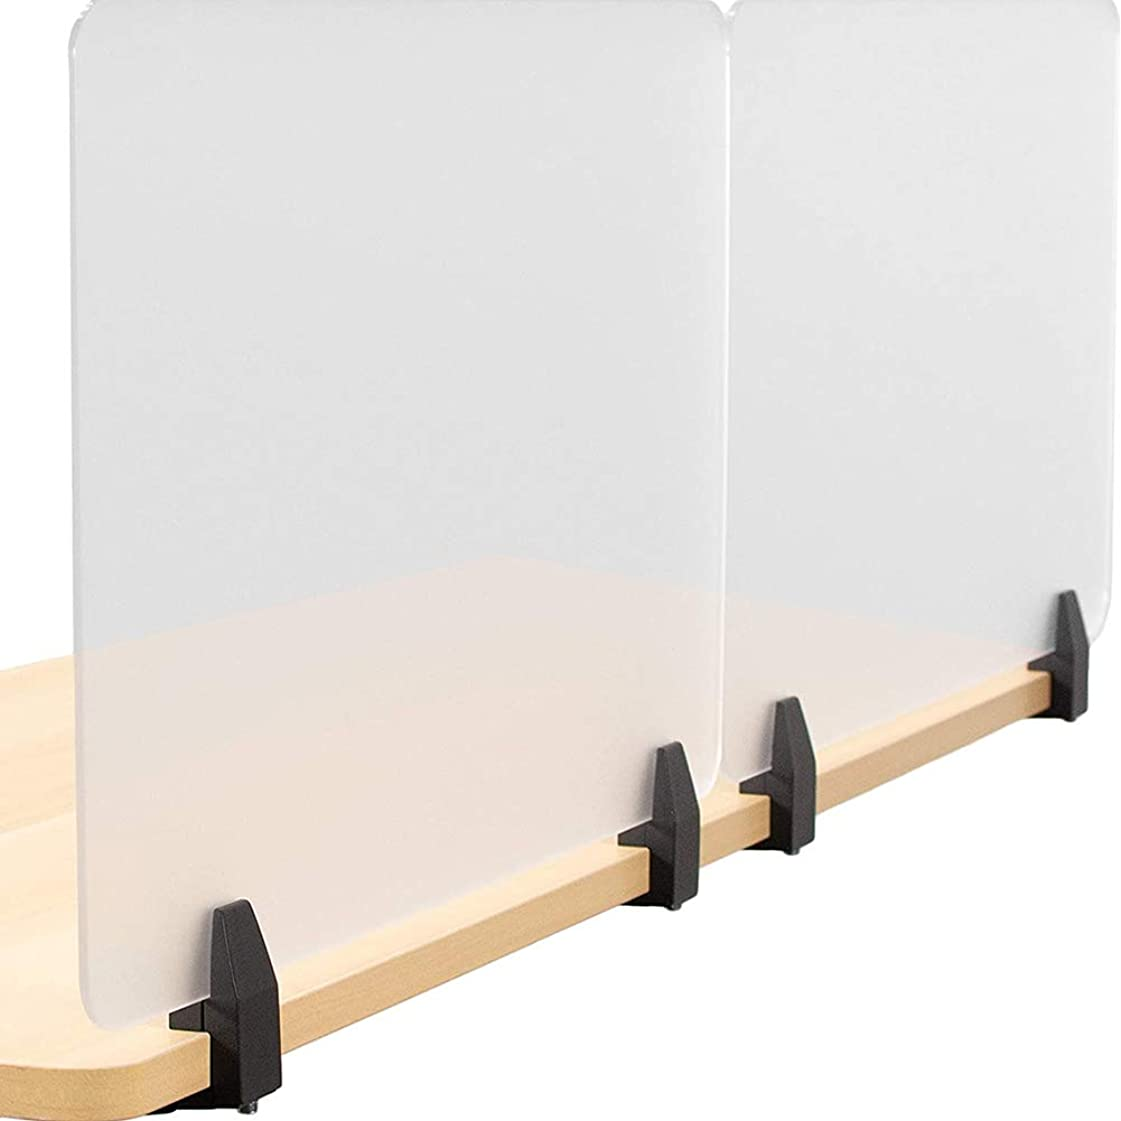 マーガレットミッチェル戦略助手アクリルデスクトップクリアプレキシガラスくしゃみガード、カウンタートップ立ちくしゃみガードプロテクター、レジ係、チェックアウト、カウンターに使用されるの安全なくしゃみガードキャスト板採用 特大足付き,2